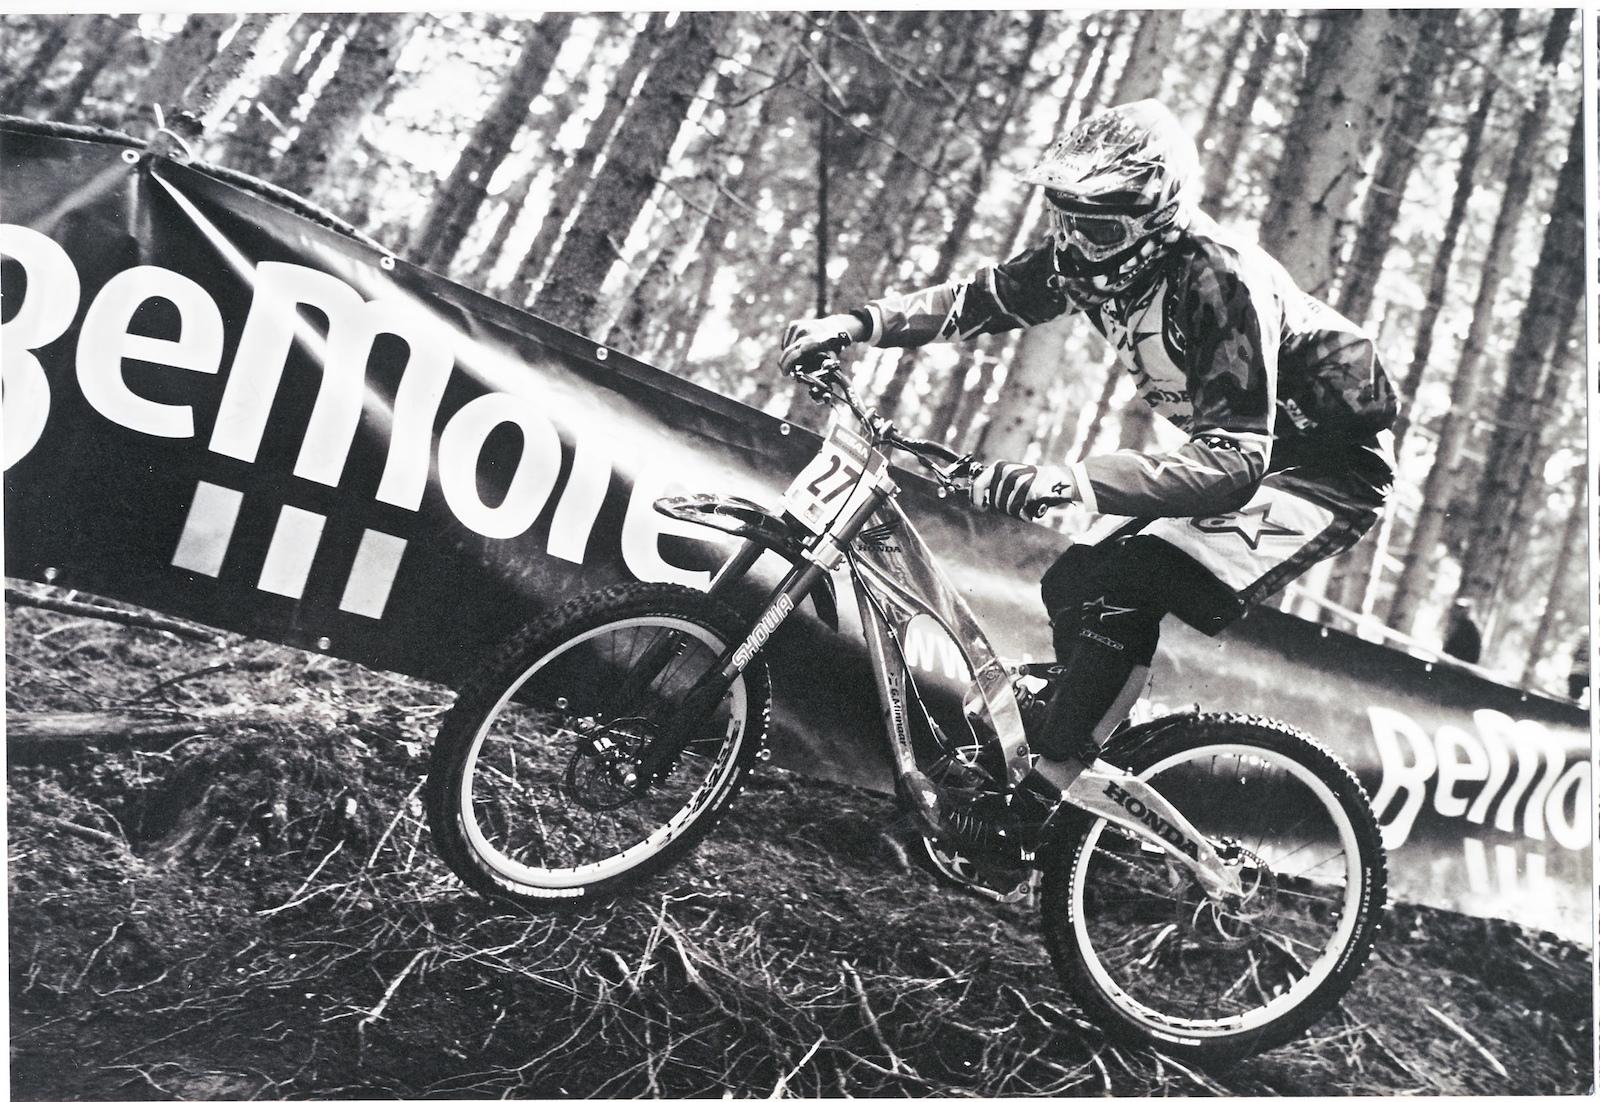 Greg Minnaar riding the Honda RN01